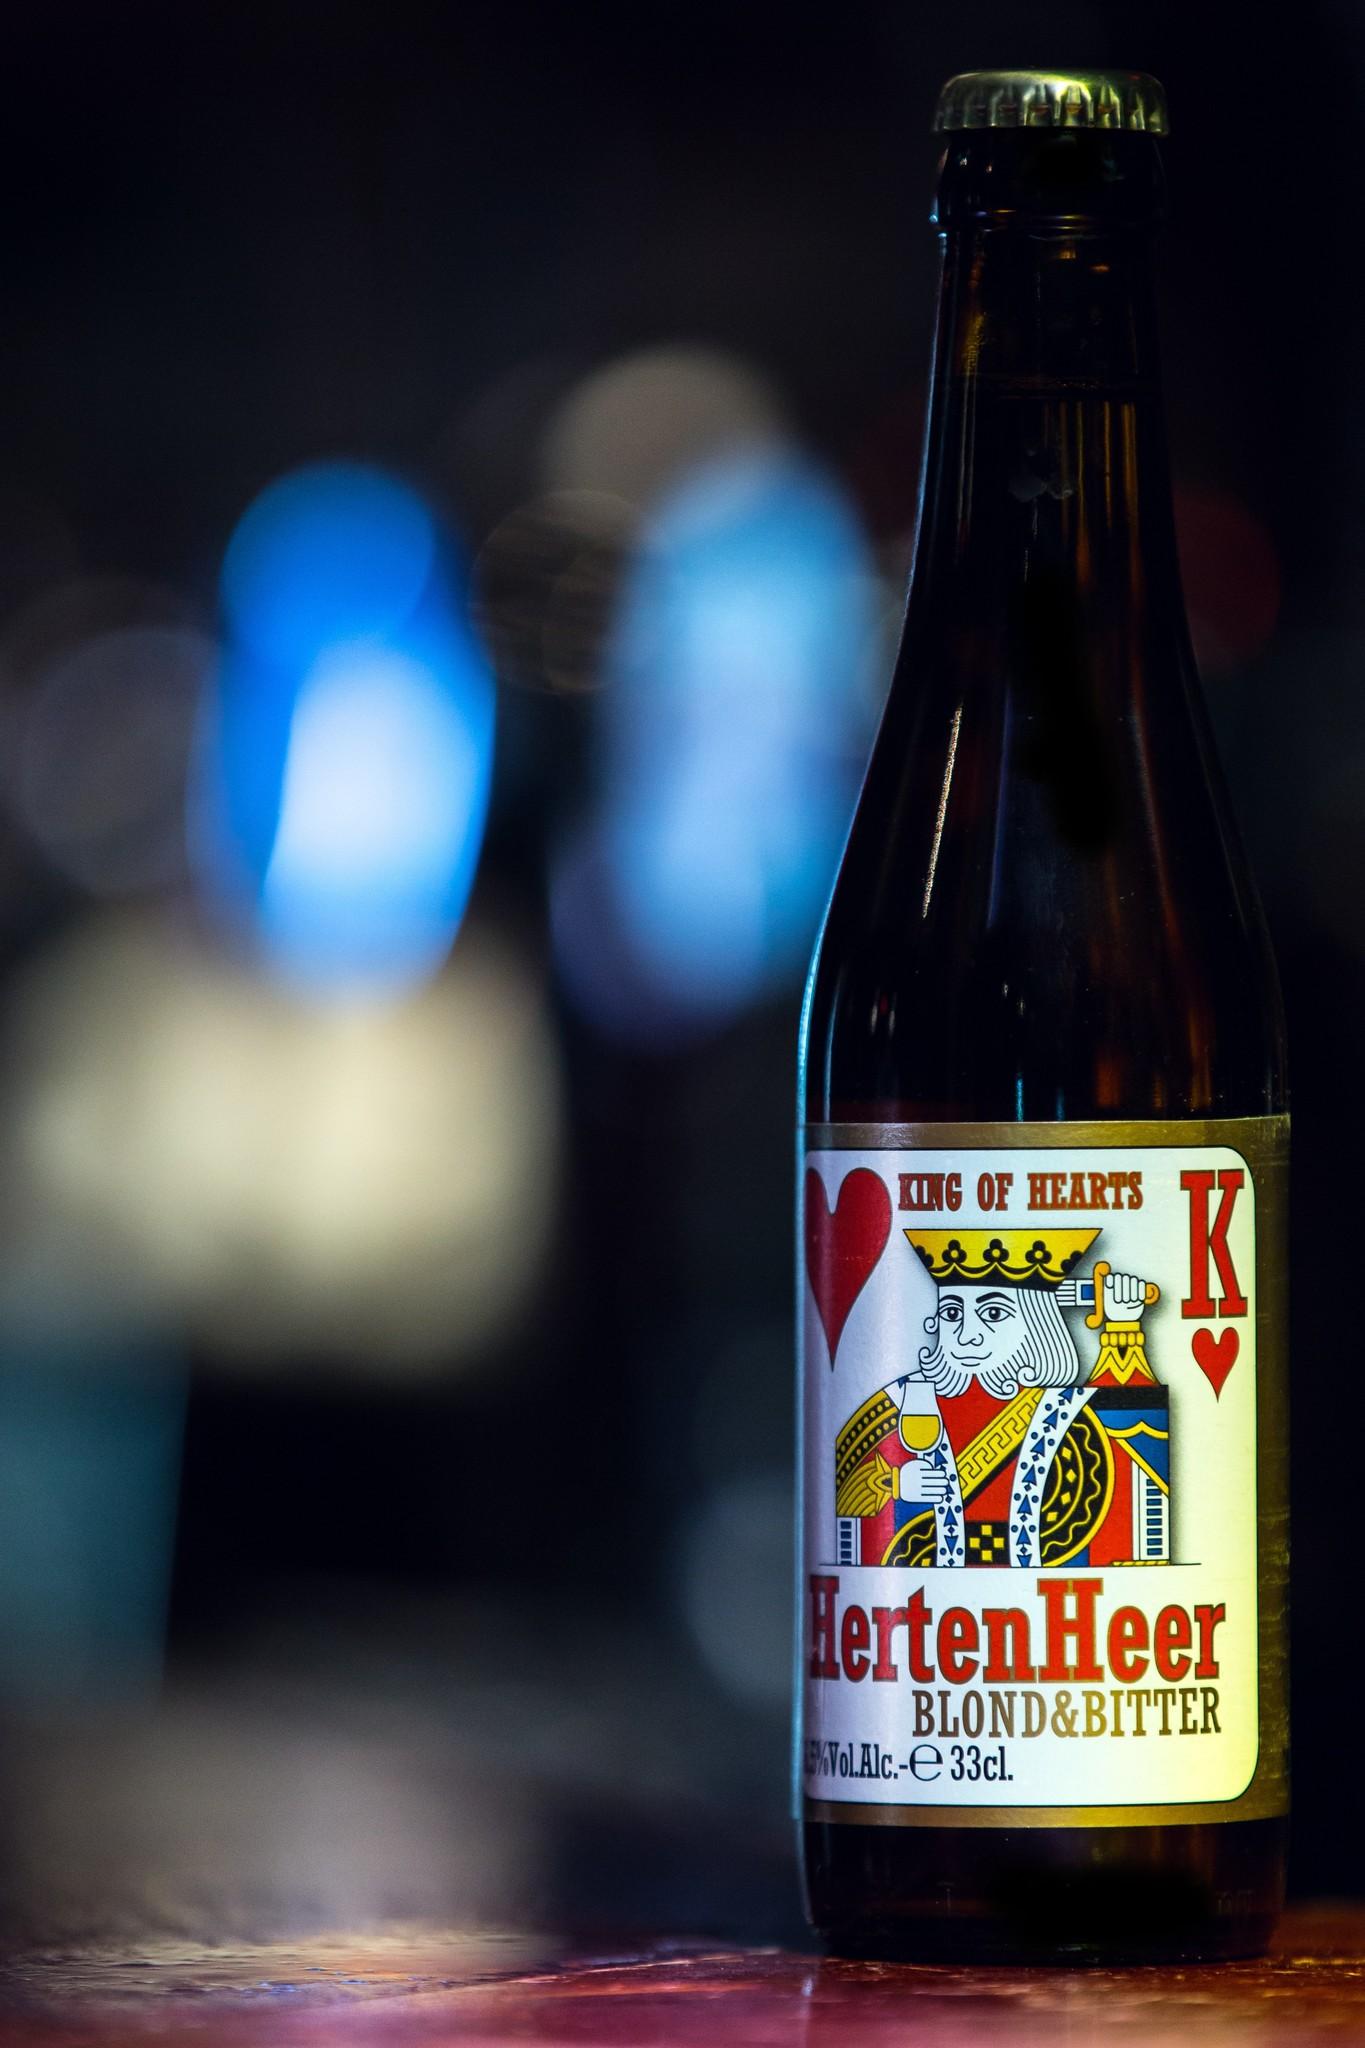 """Hertenheer Herkomst: Oud-Turnhout, Bel-gië Hertenheer is een koperblond bier waar geen enkele kruiden aan toegevoegd is maar vooral gebruik is gemaakt van hop. Door het overmatig gebruik van hop heeft het bier een bittere smaak die in de afdronk lekker blijft hangen. Ondanks de aanwezige bitte-re smaak zijn er ook verfijnde toetsen van citrus terug te vinden waardoor het bier makkelijker doordrinkend is. Brouwerij """"Het Nest"""" is in 2000 opgerichts als hobby-brouwerij maar bestaat tegenwoordig als een moderne brouwerij en heeft al verschil-lende prijzen weten te winnen met de bieren die zij brouwen. Het bier bevat een al-coholpercentage van: 6,5%. Advies serveertemperatuur: 5 à 7 graden."""